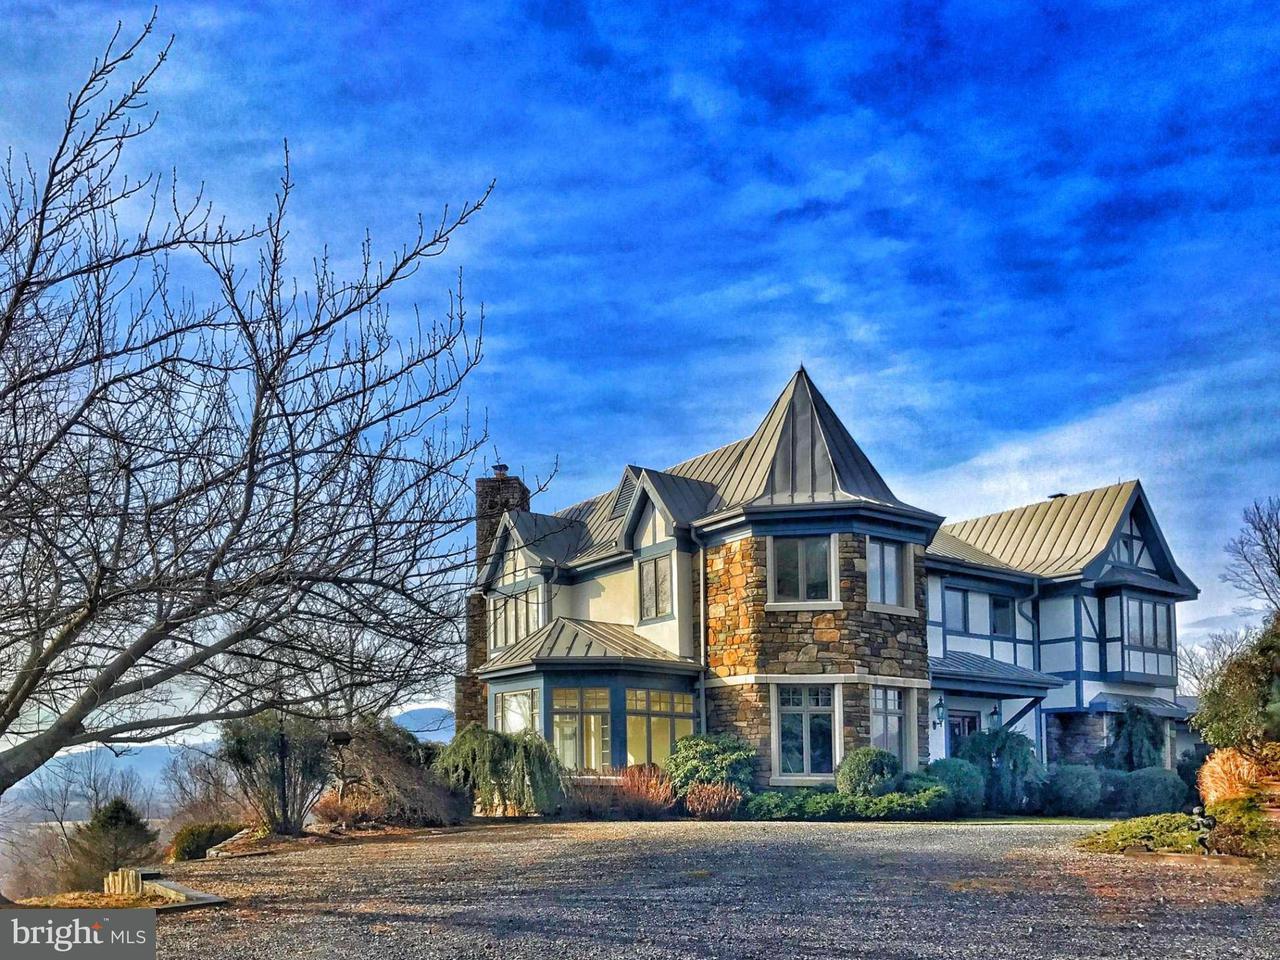 独户住宅 为 销售 在 64 Gordon Clan Lane 64 Gordon Clan Lane Huntly, 弗吉尼亚州 22640 美国